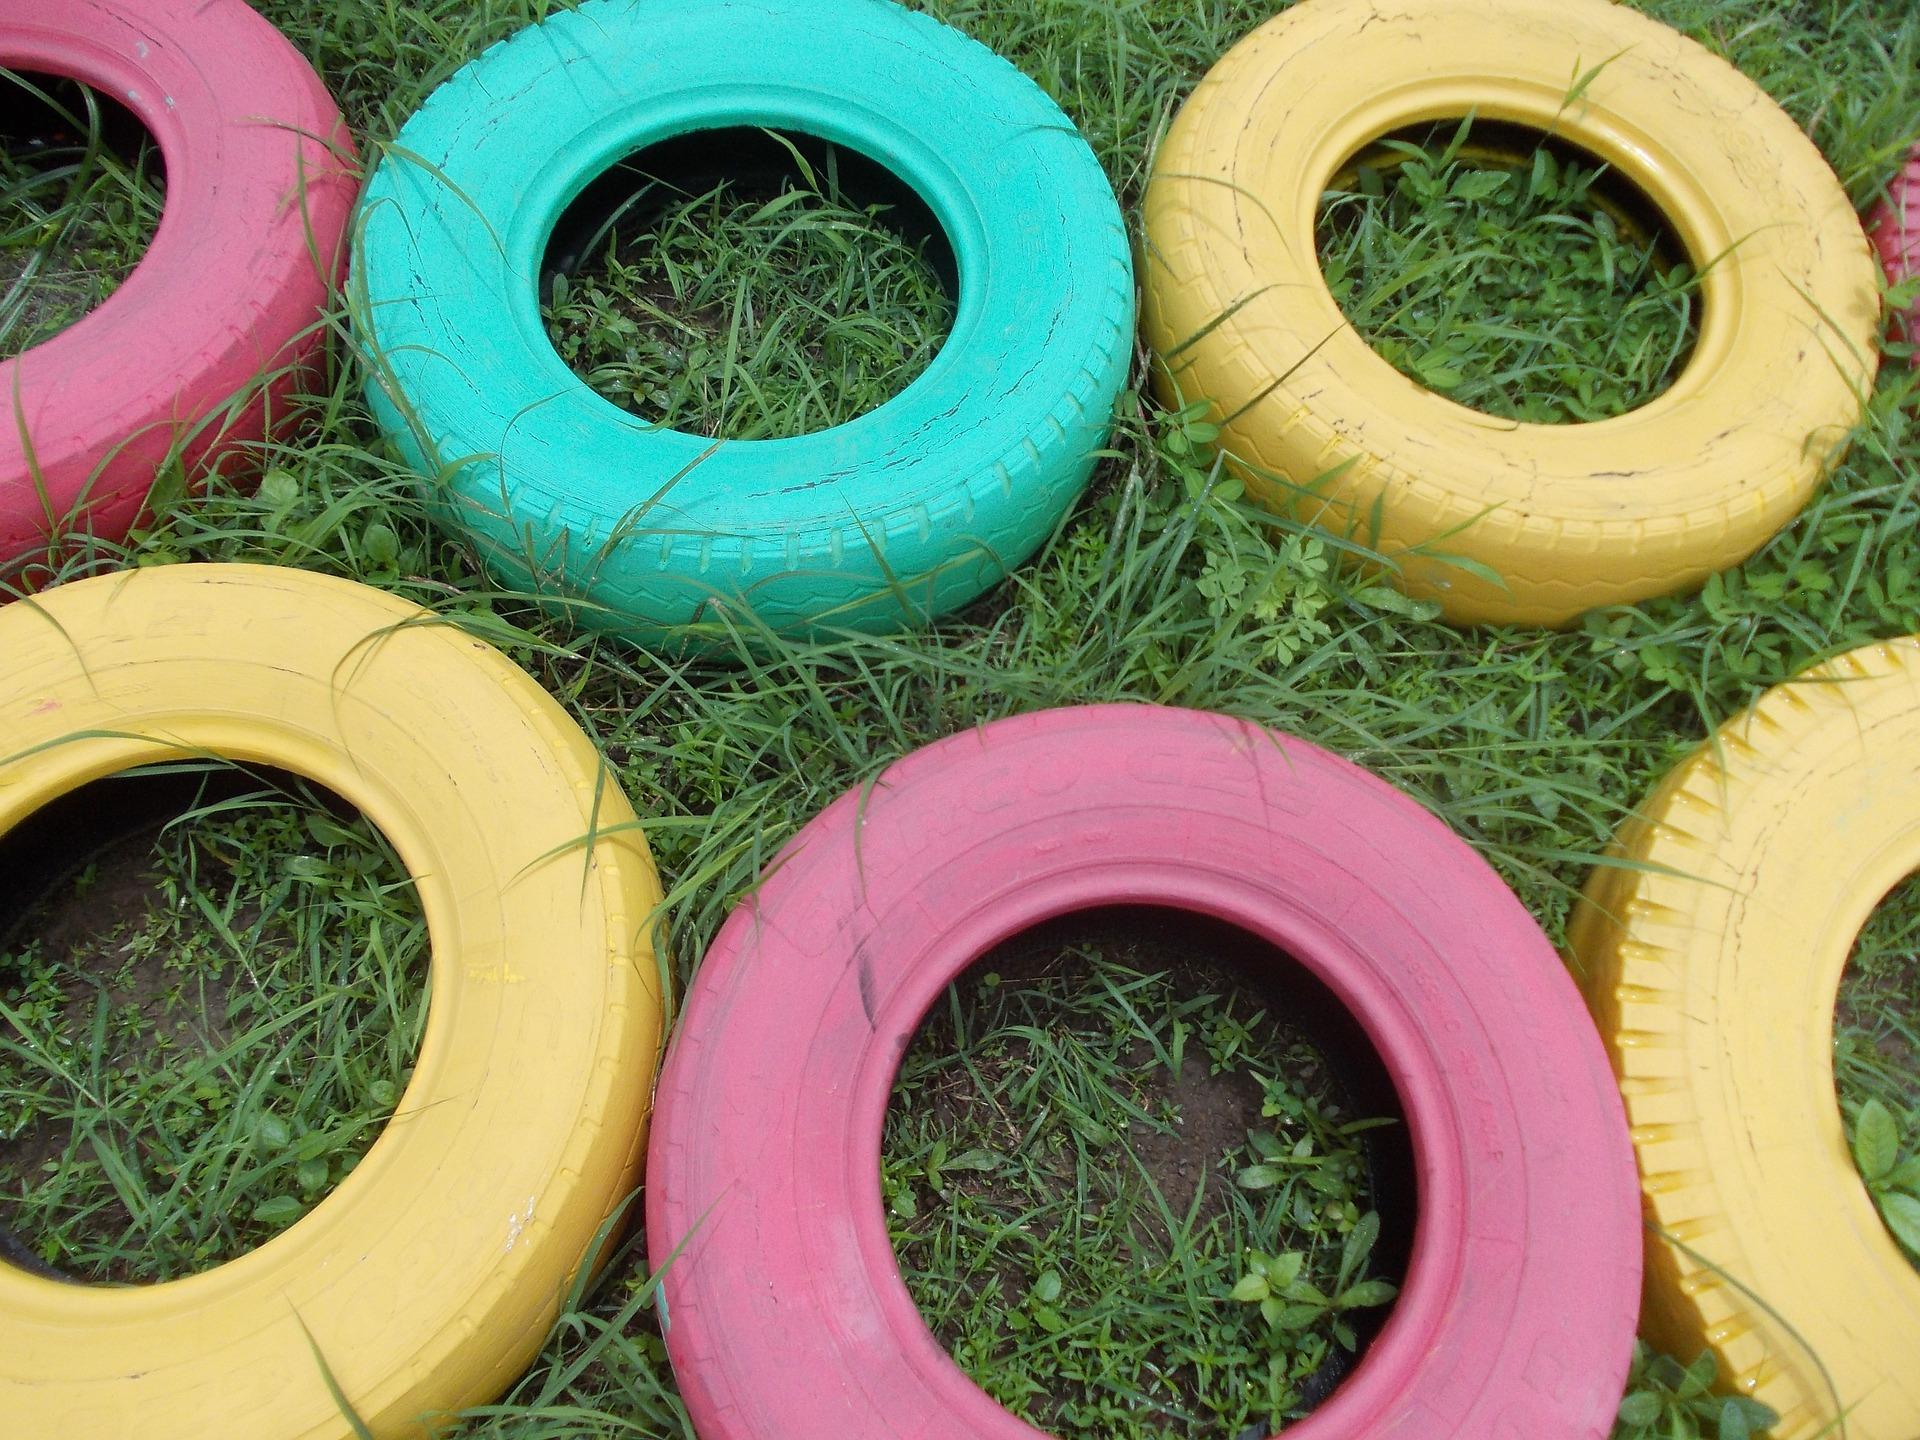 tire-1591470_1920.jpg